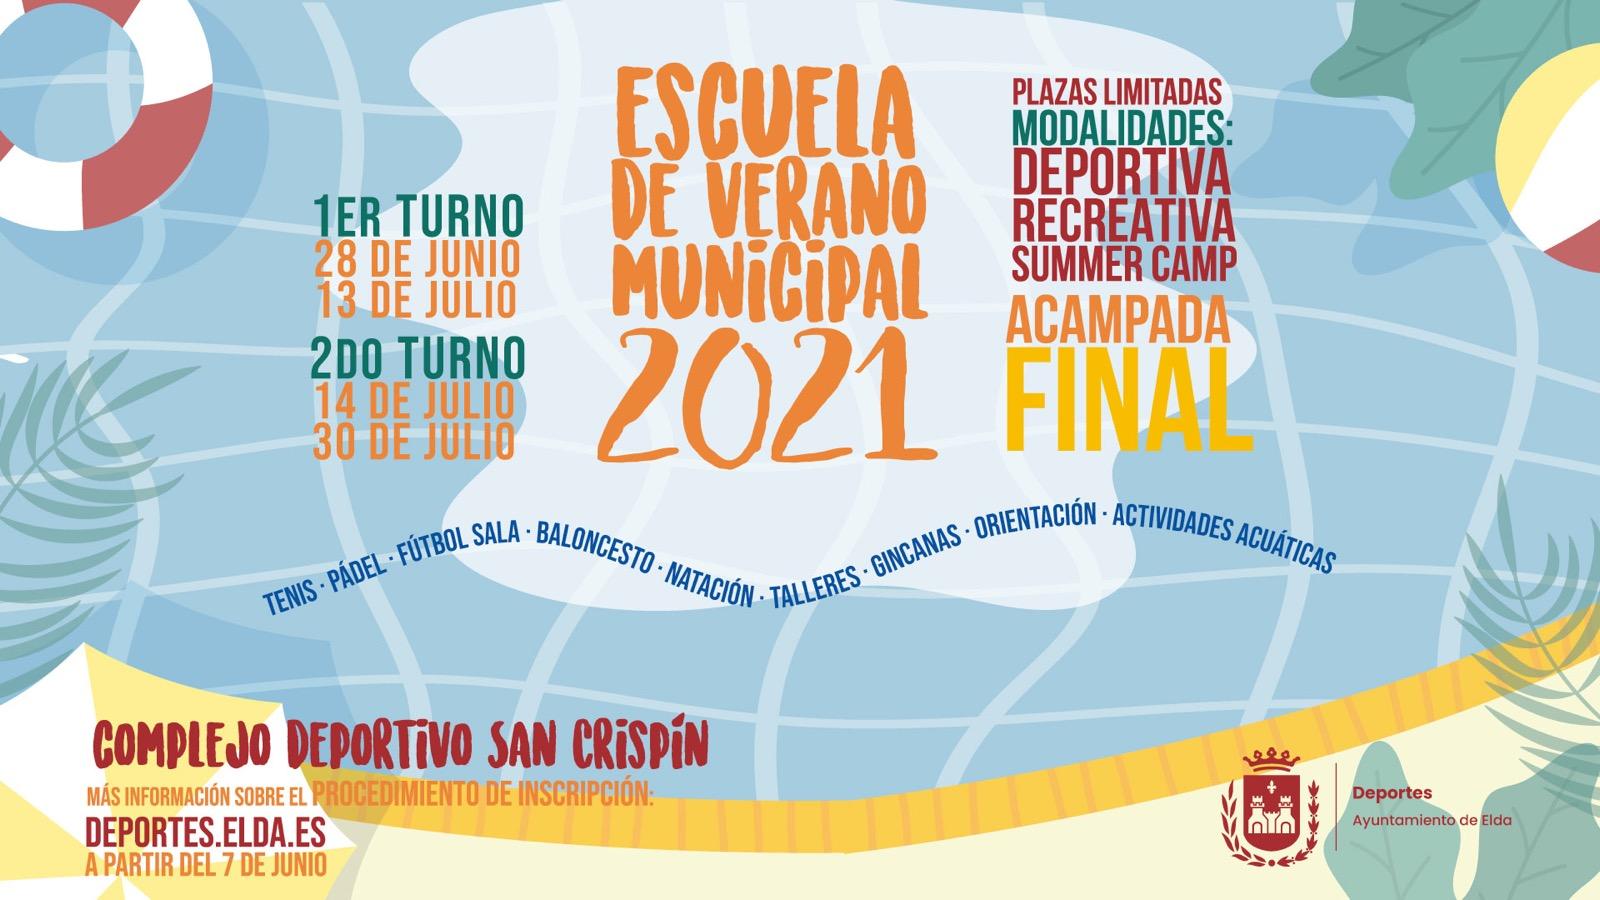 Un total de 600 niñas y niños podrán acceder a la Escuela Municipal de Verano, que tendrá inscripción online